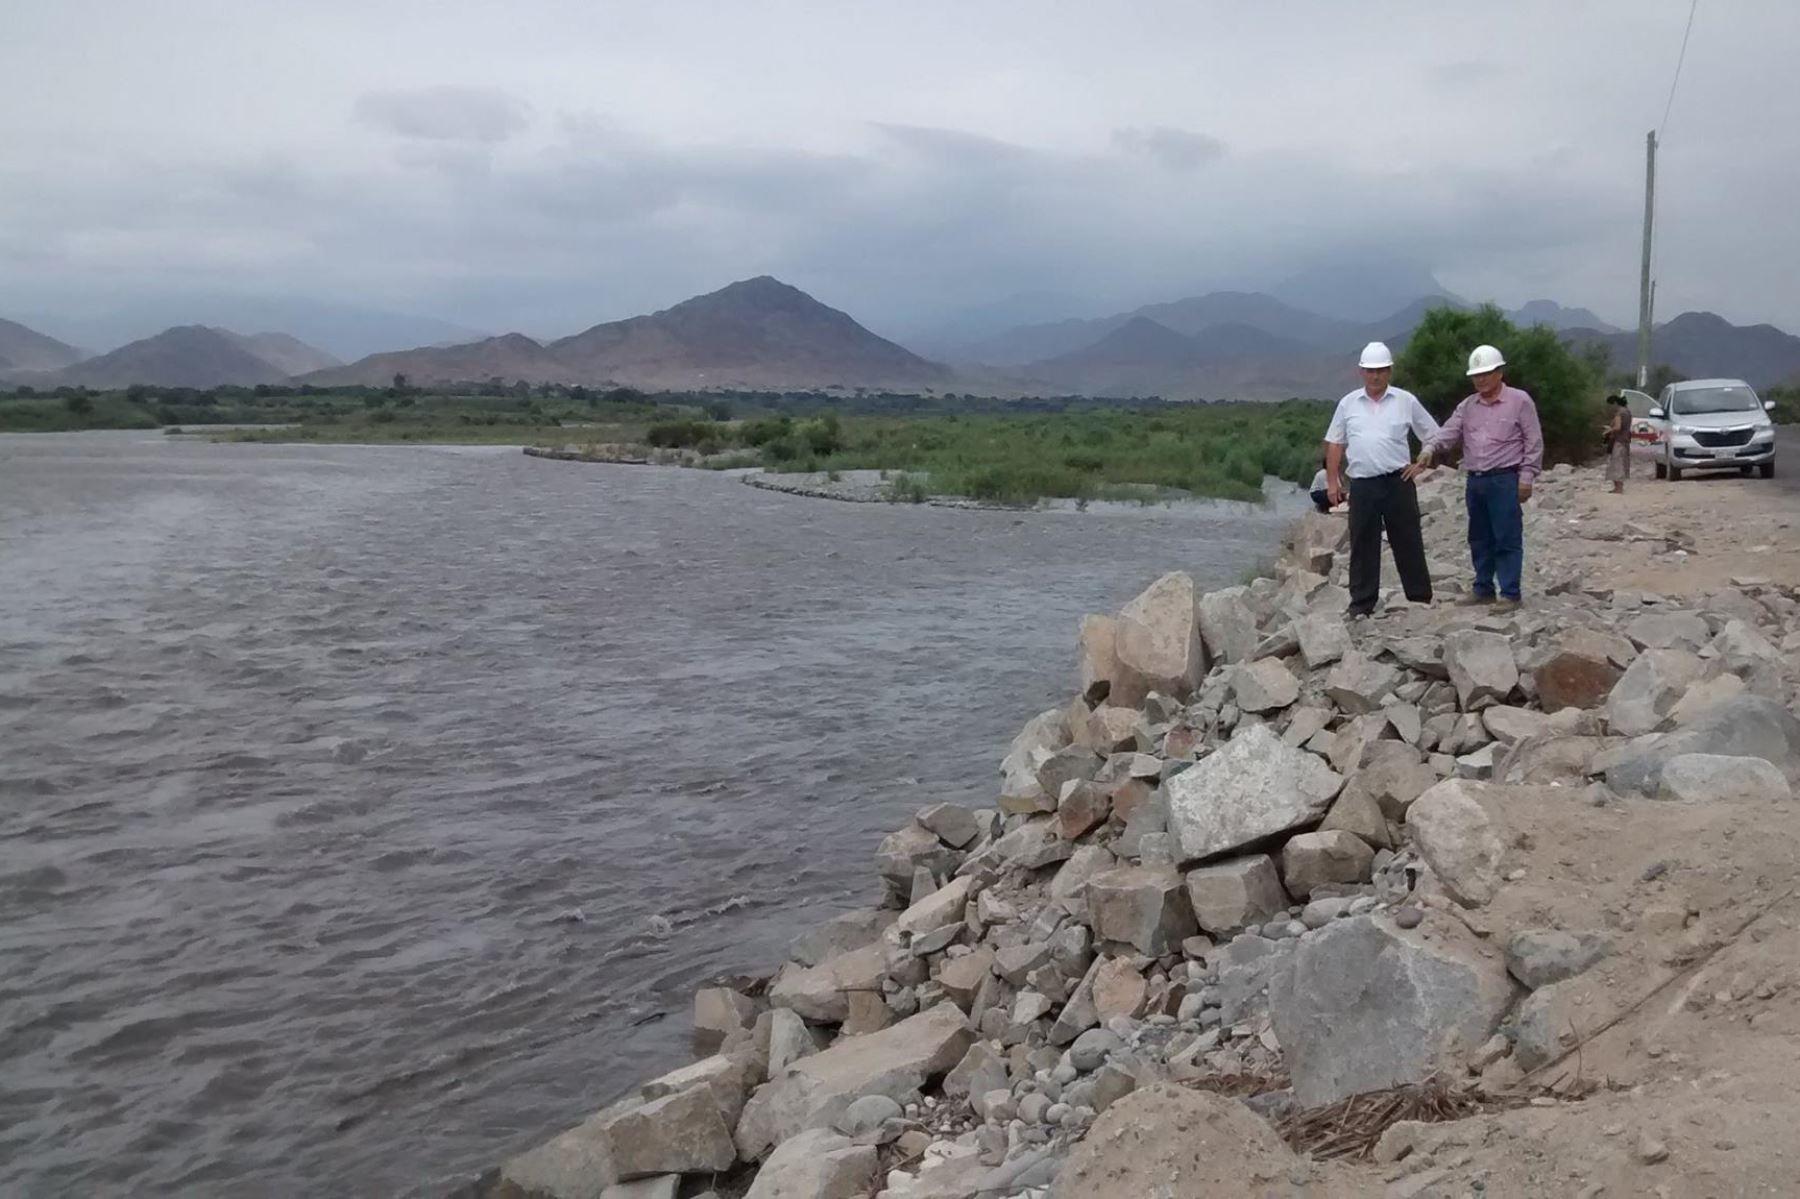 El río Santa alcanzó 315.66 metros cúbicos por segundo, un valor considerado normal, precisa COER Áncash. Foto: ANDINA/Gonzalo Horna